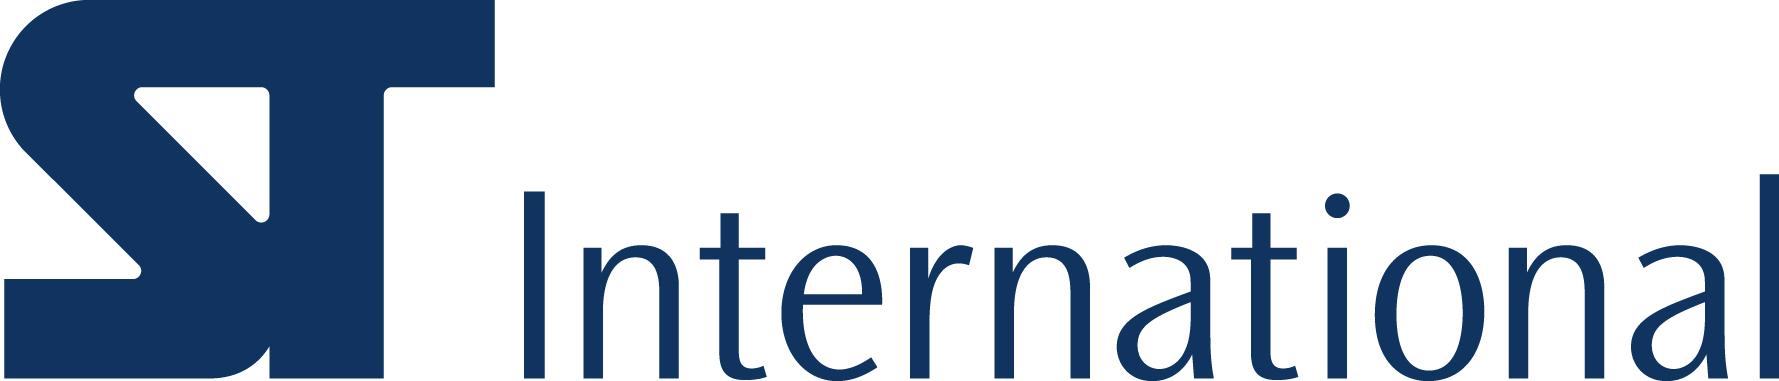 삼천리의 계열사 (주)에스티인터내셔널코퍼레이션의 로고